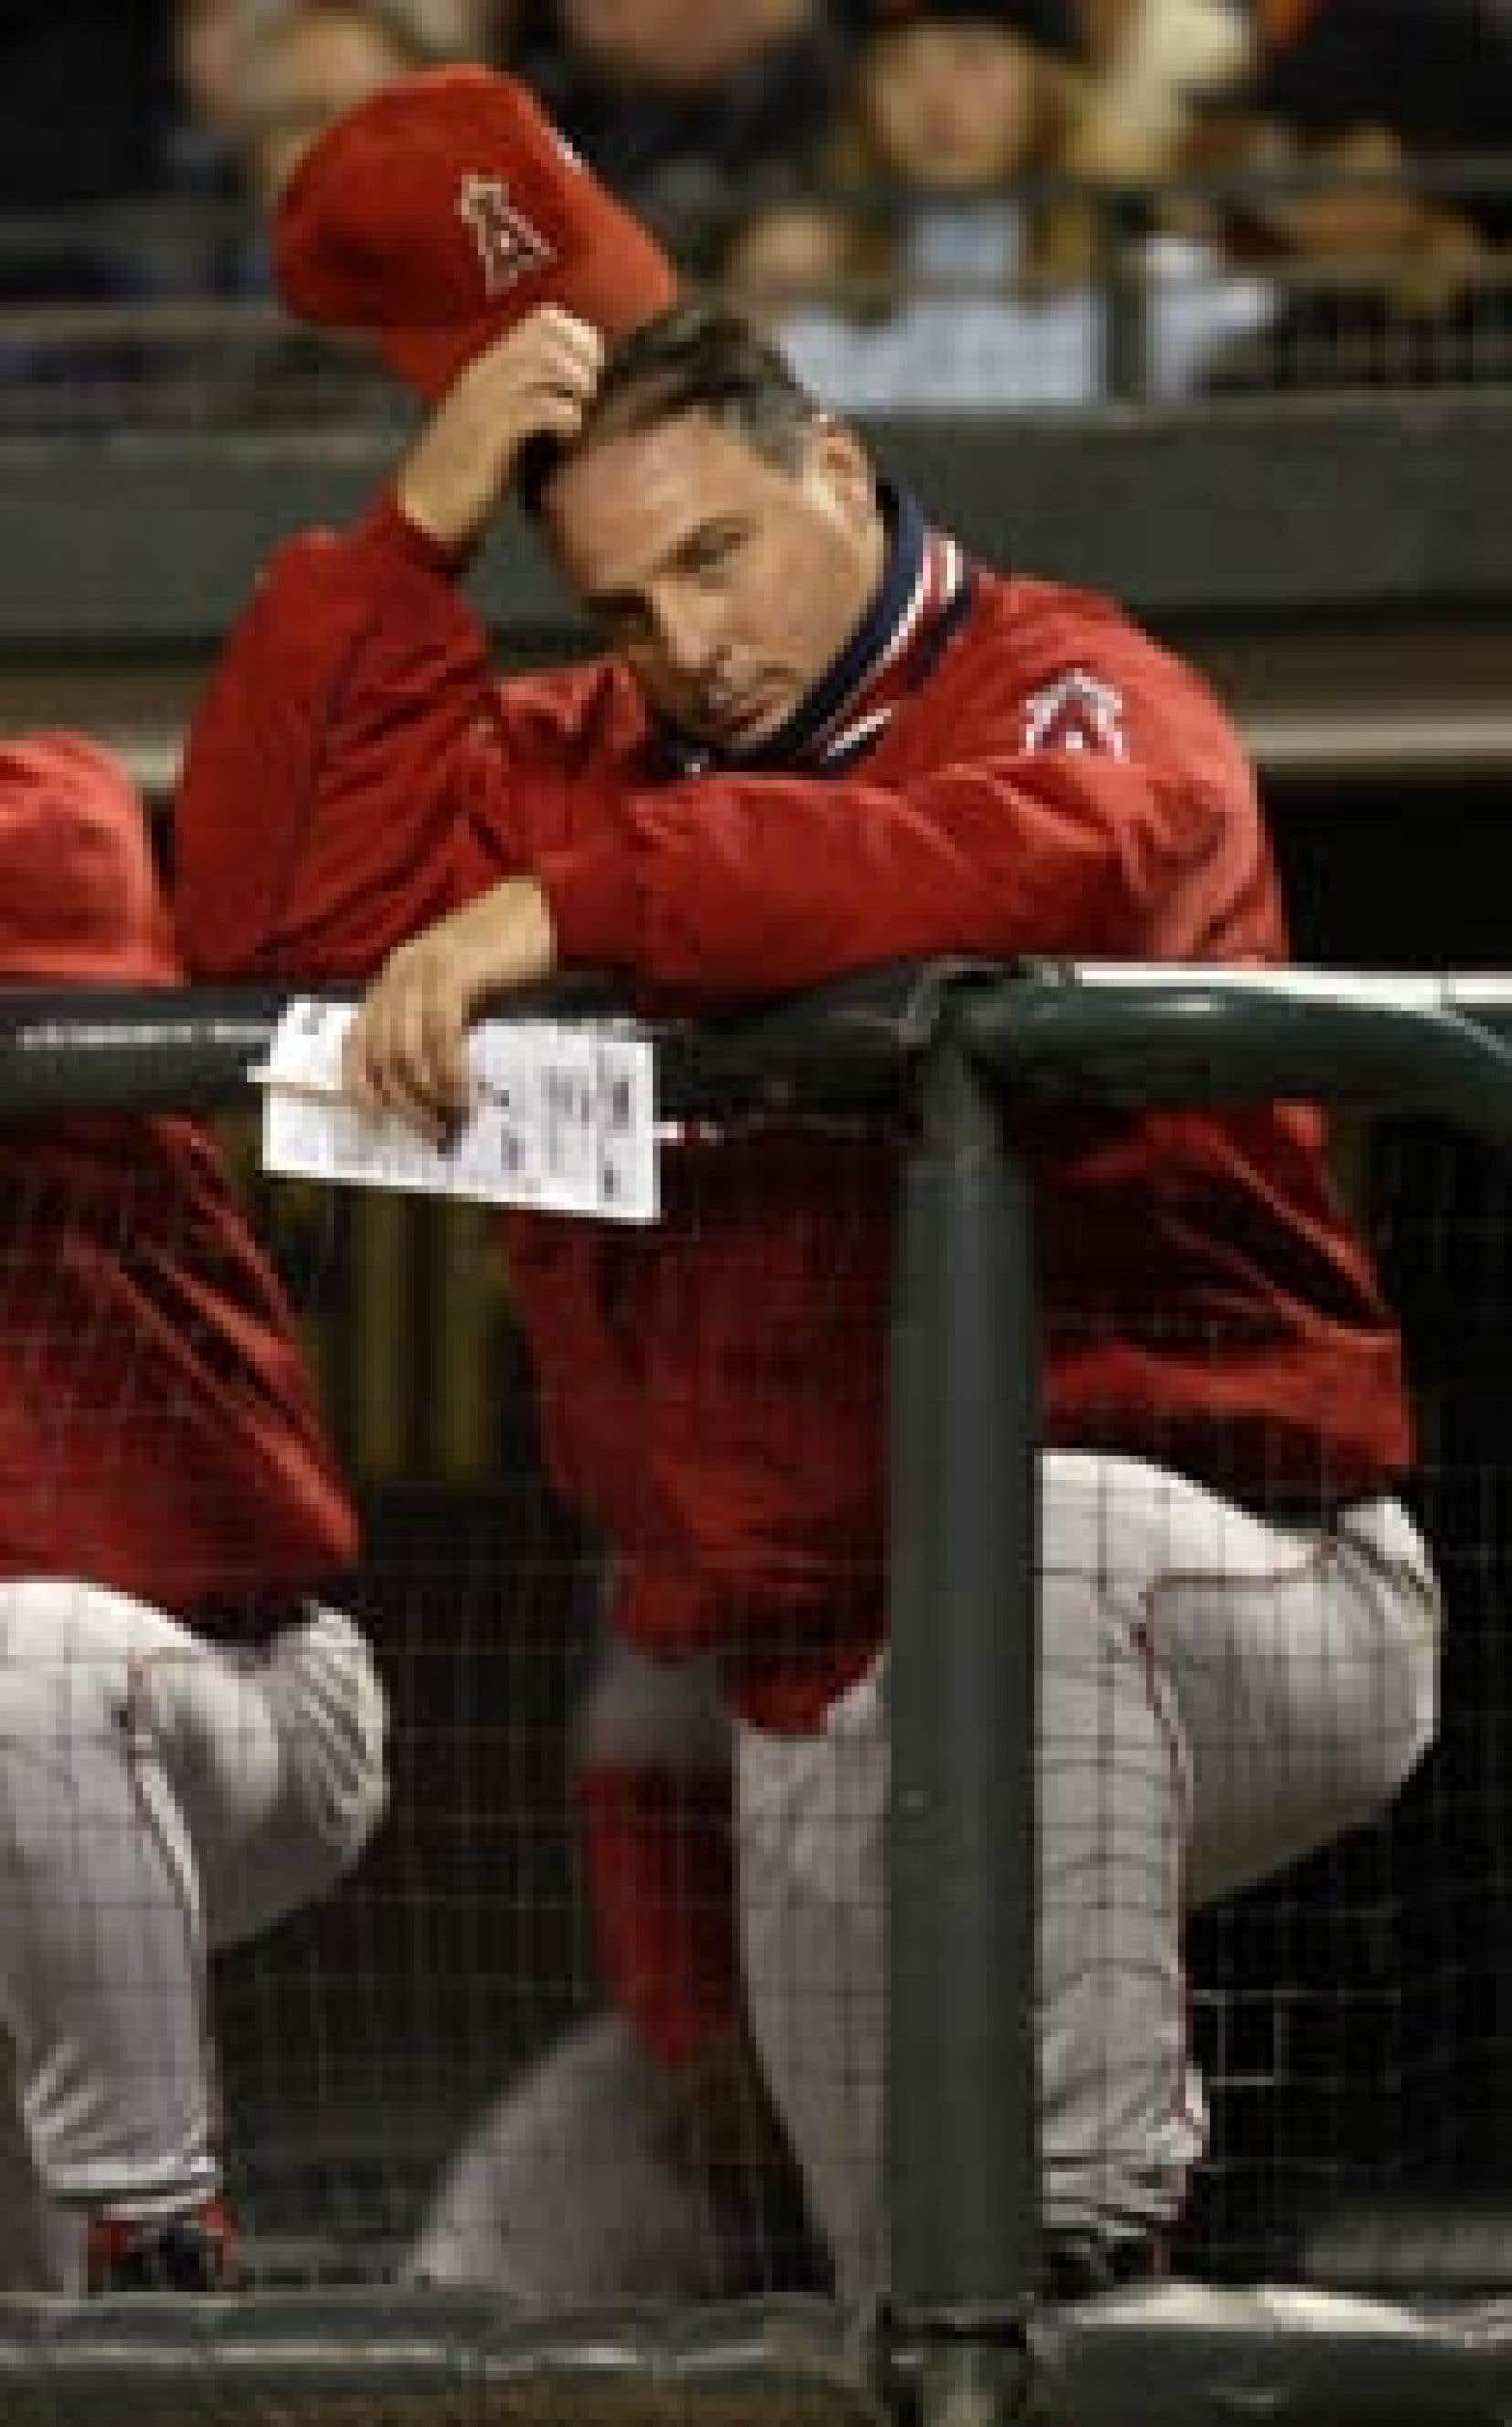 Le gérant des Angels, Mike Scioscia, espère qu'Appier aura appris quelque chose de son piètre départ dans le deuxième match.